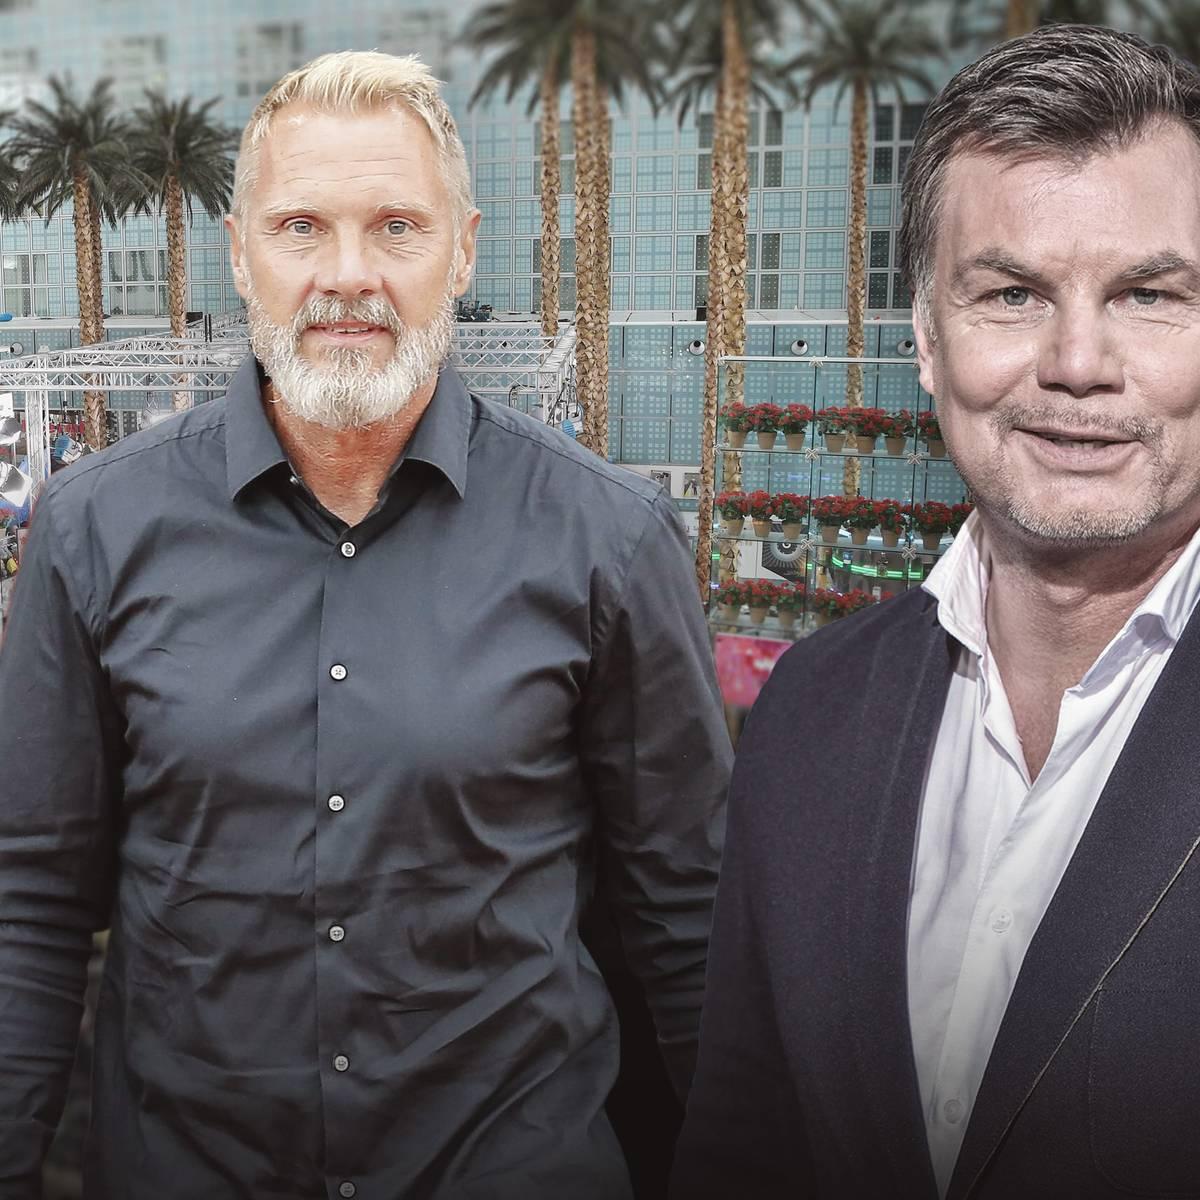 Sendung verpasst? Der CHECK24 Doppelpass mit Arnold und Fink